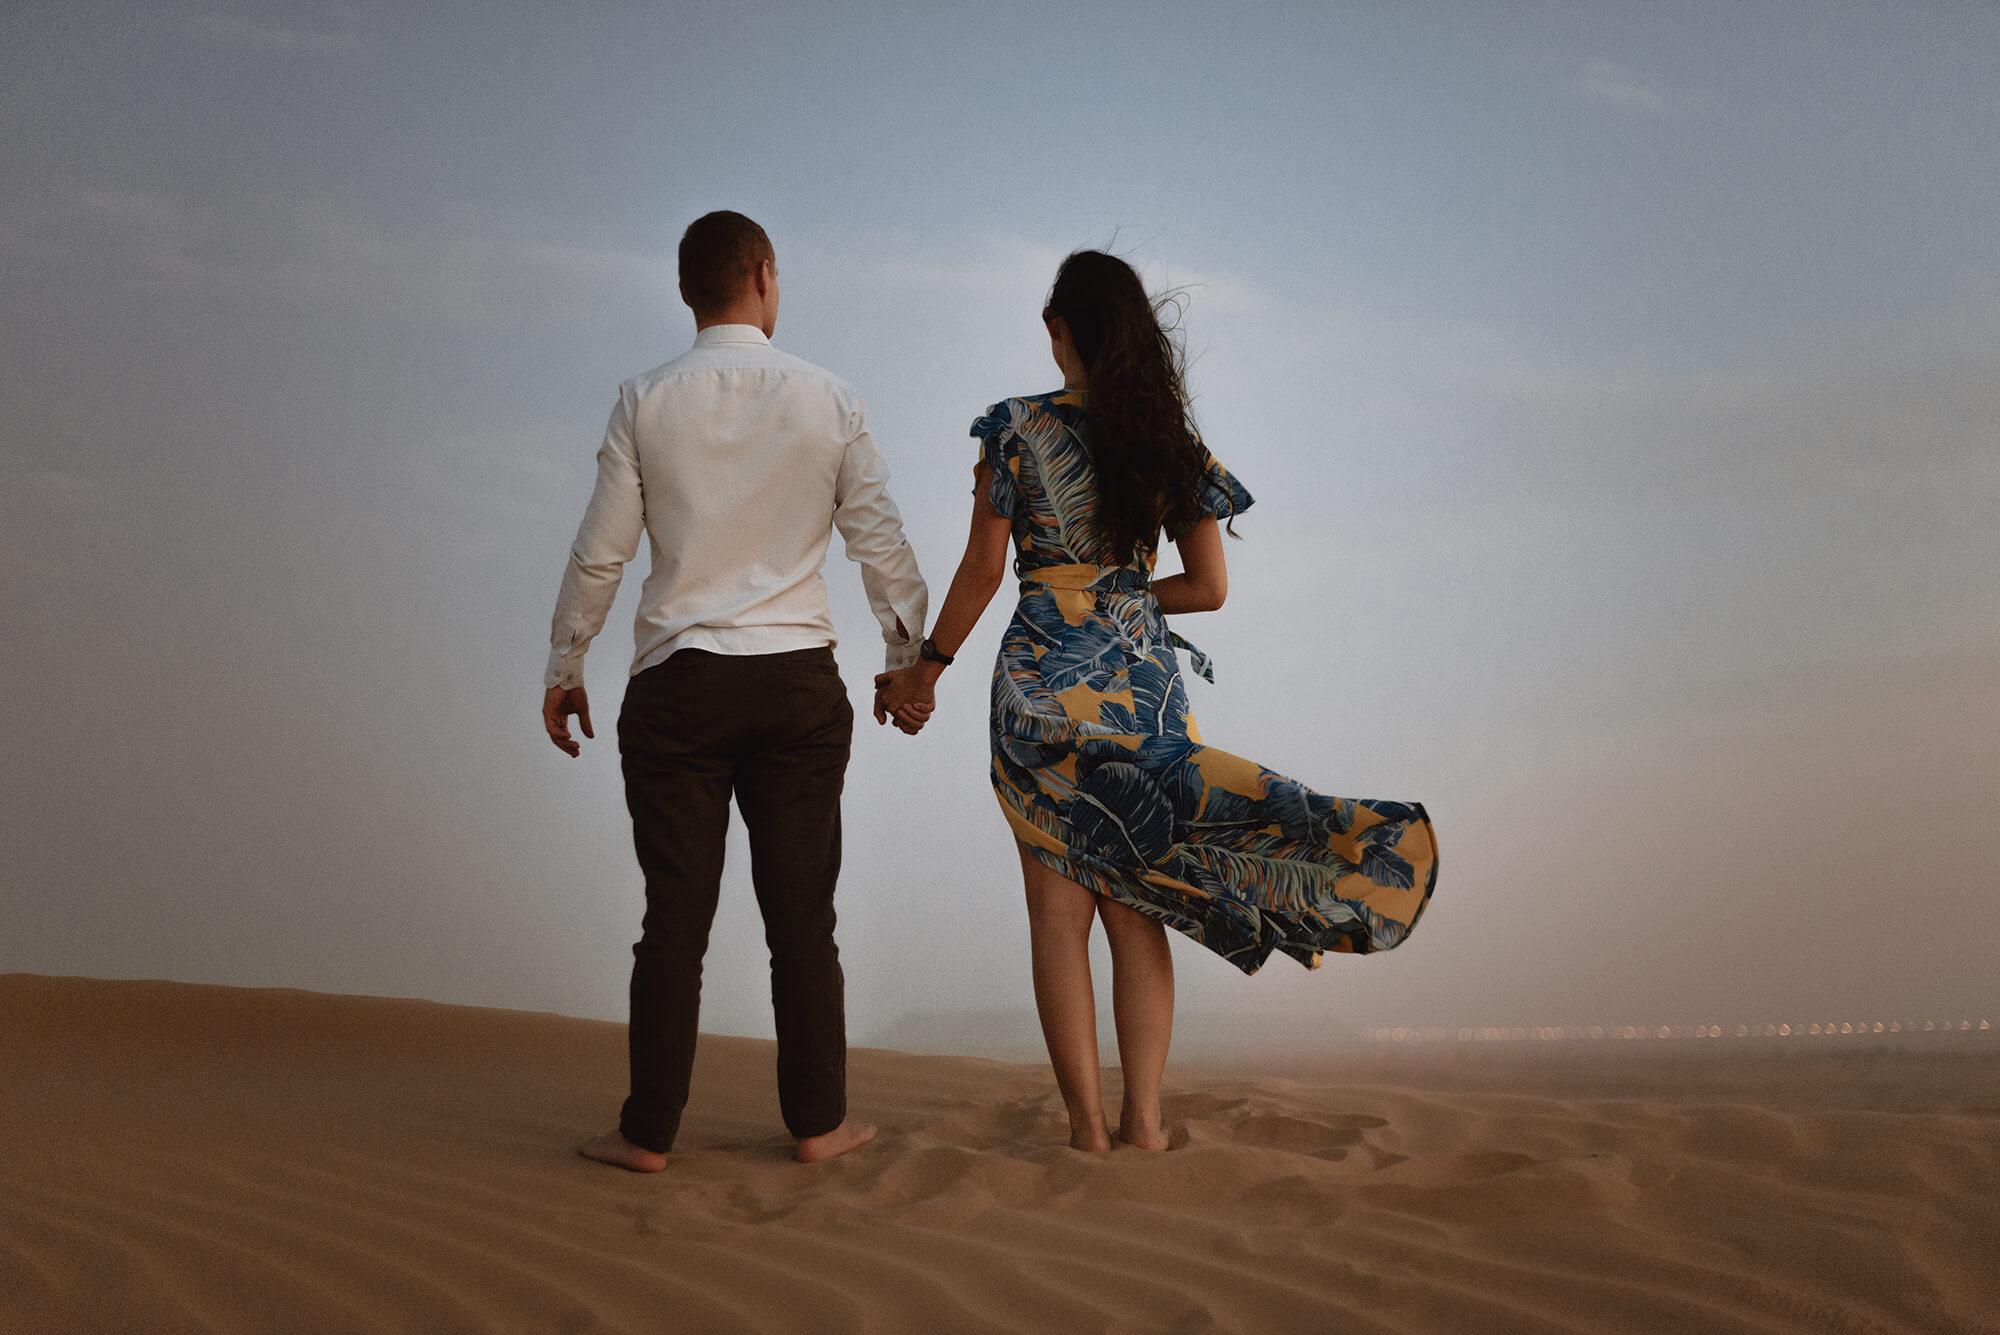 Sesja narzeczenska w dubaju31 - Citra + Kuba | miłość w Dubaju + 6 powodów dlaczego sesja narzeczeńska jest tak ważna